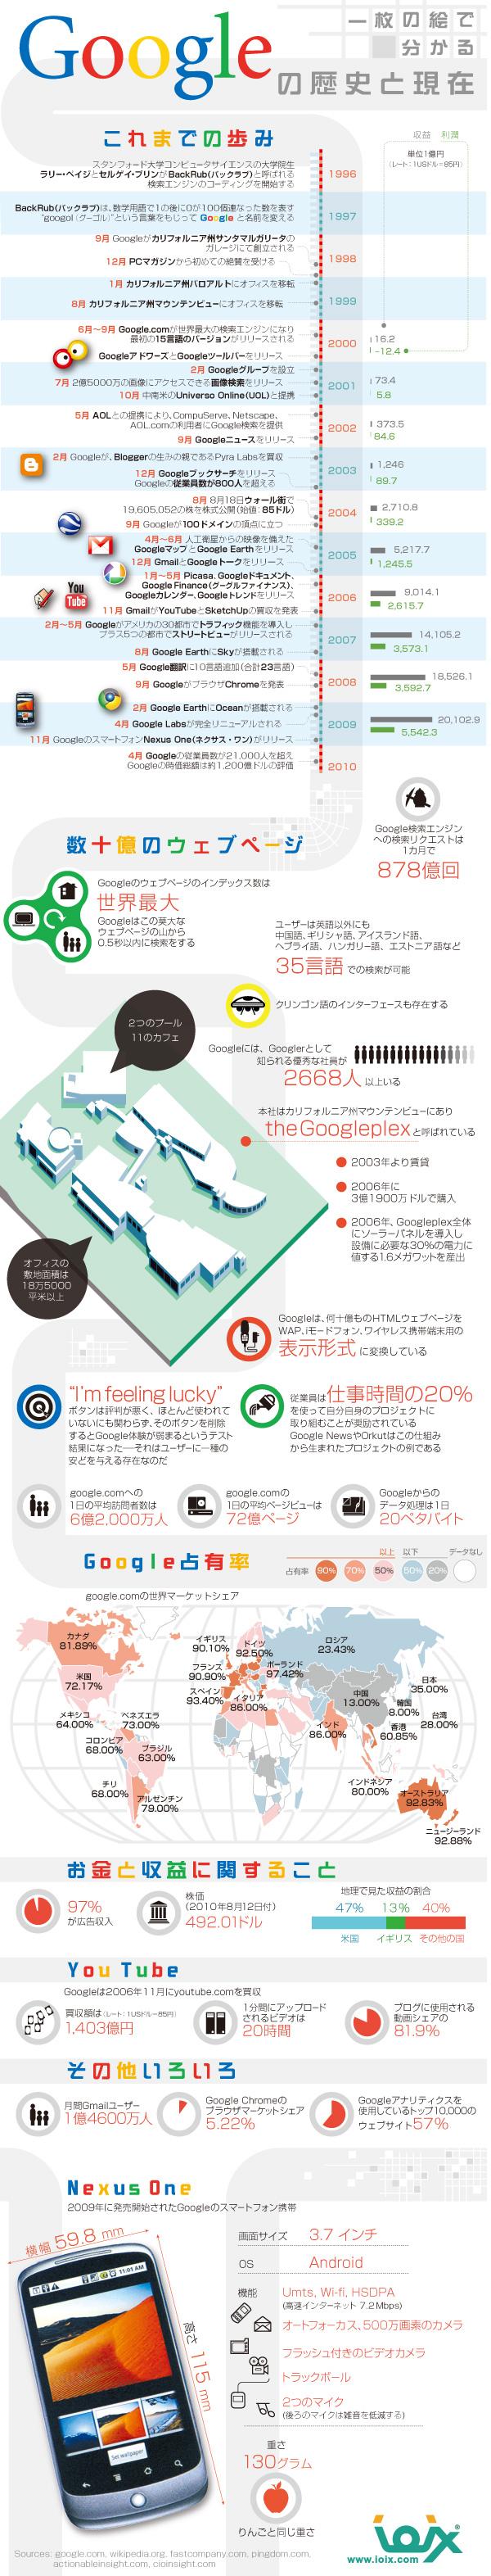 インフォグラフィックス:一枚の絵でわかる Googleの歴史と現在